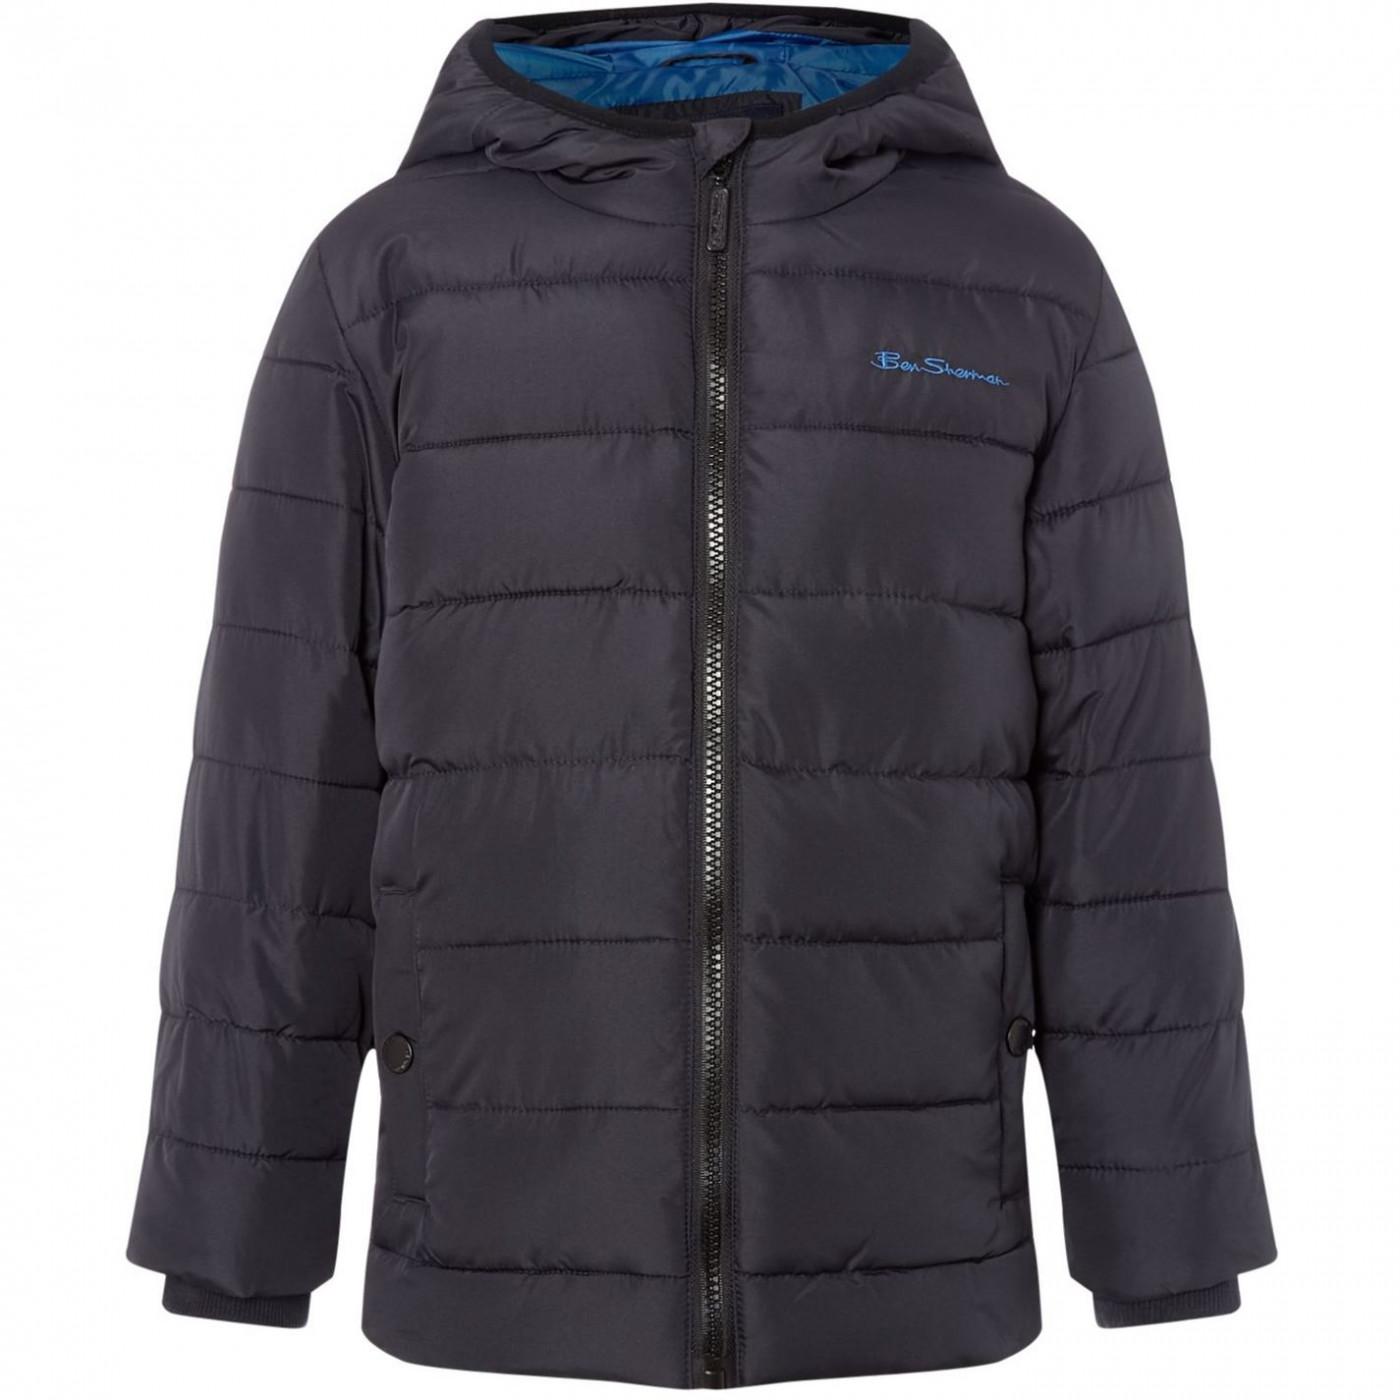 Ben Sherman Padded Hooded Jacket